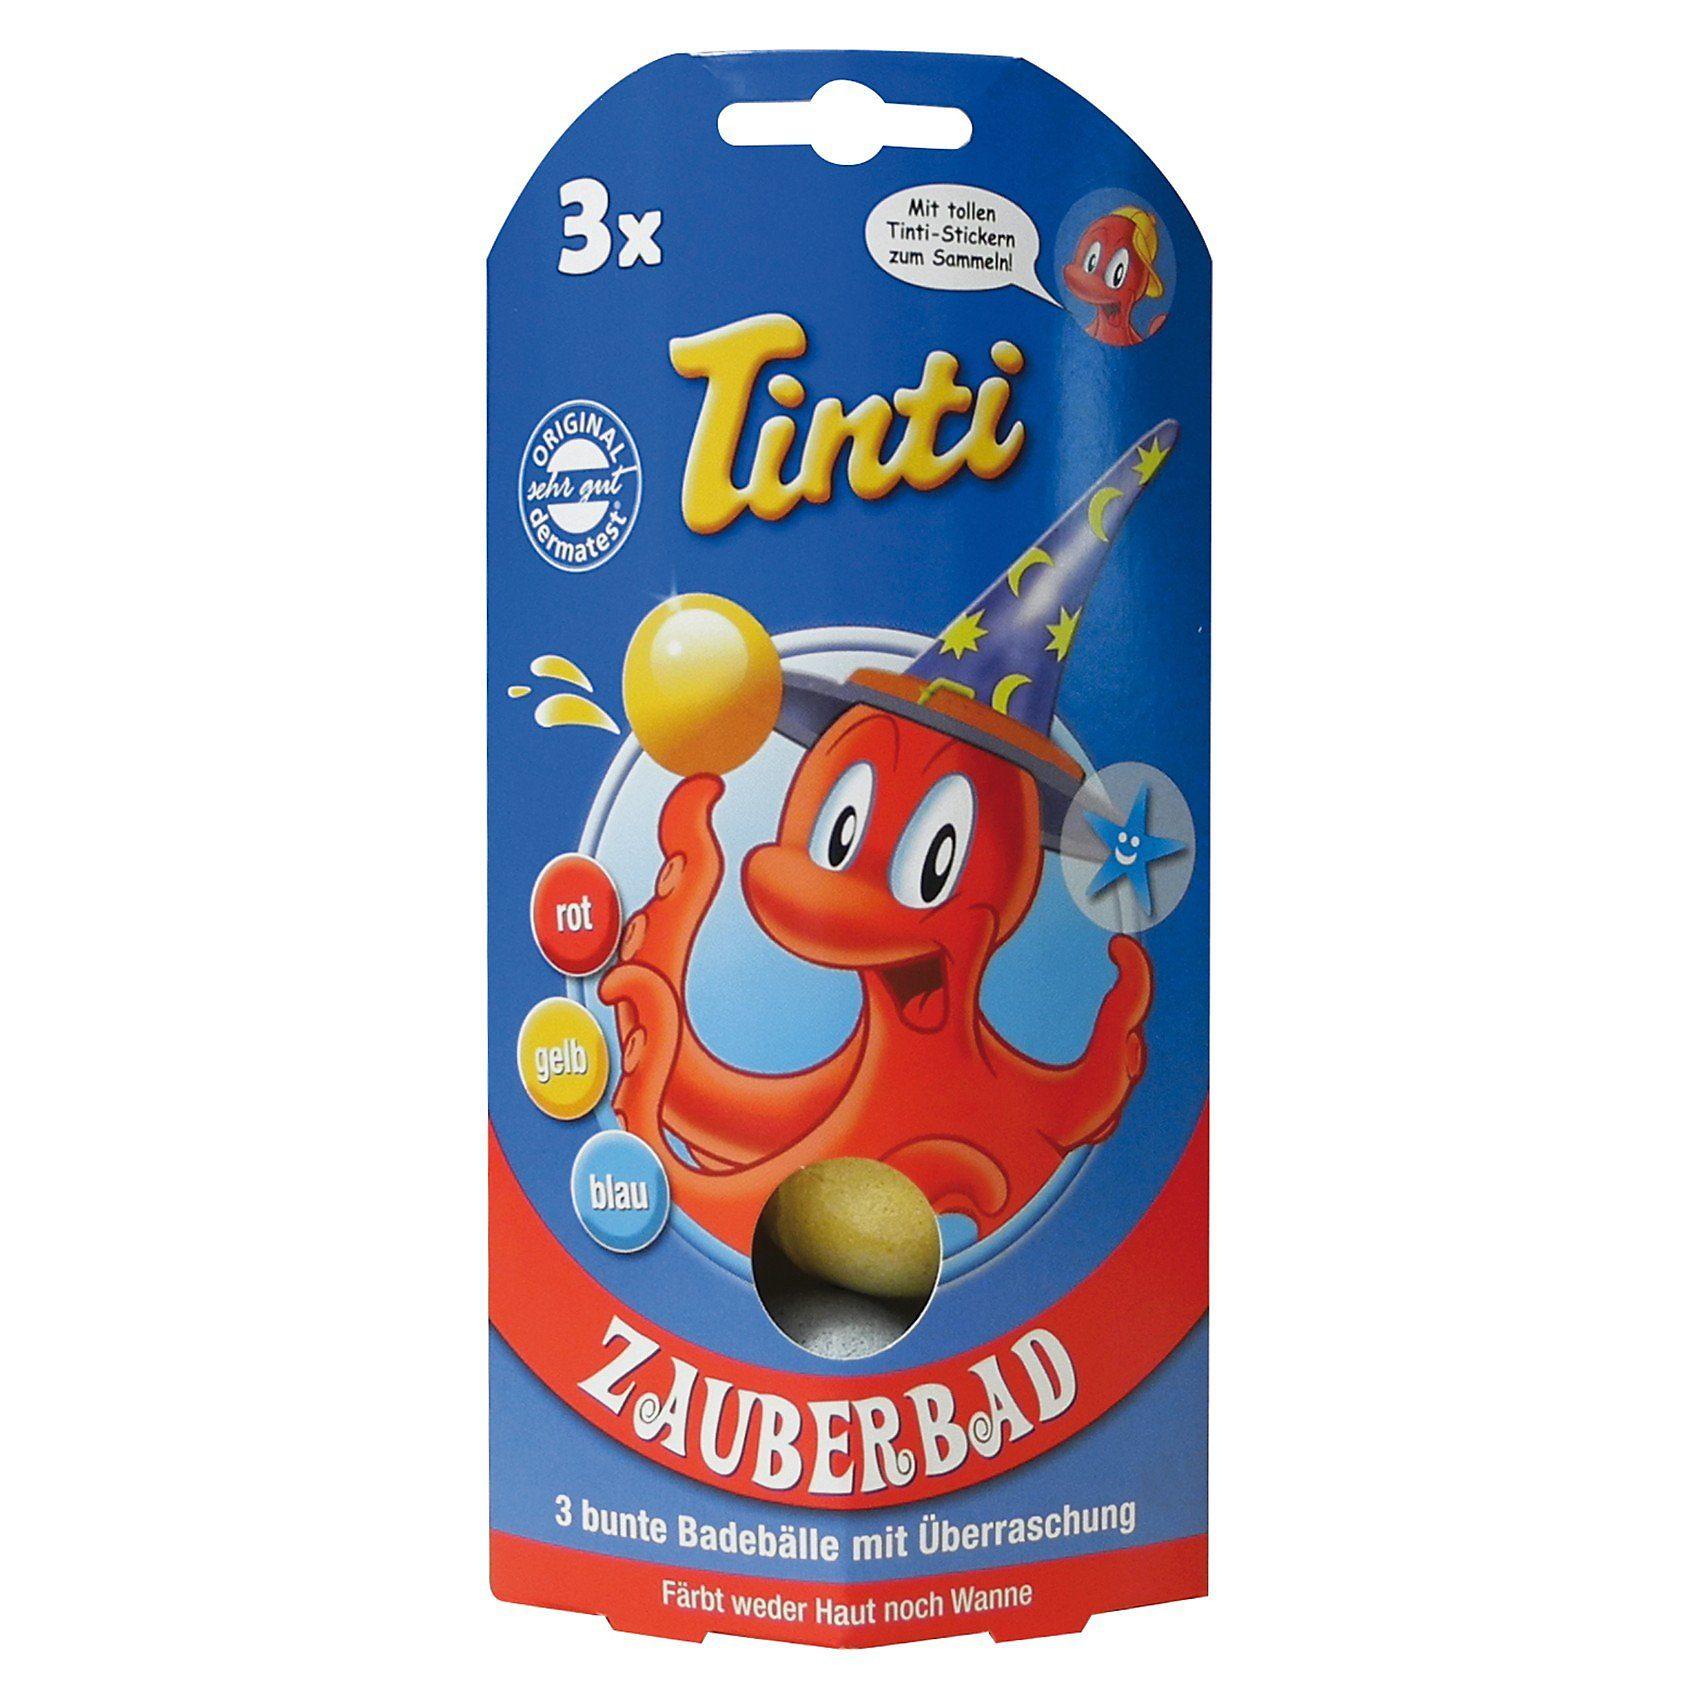 TINTI - Zauberbad, 3er Pack